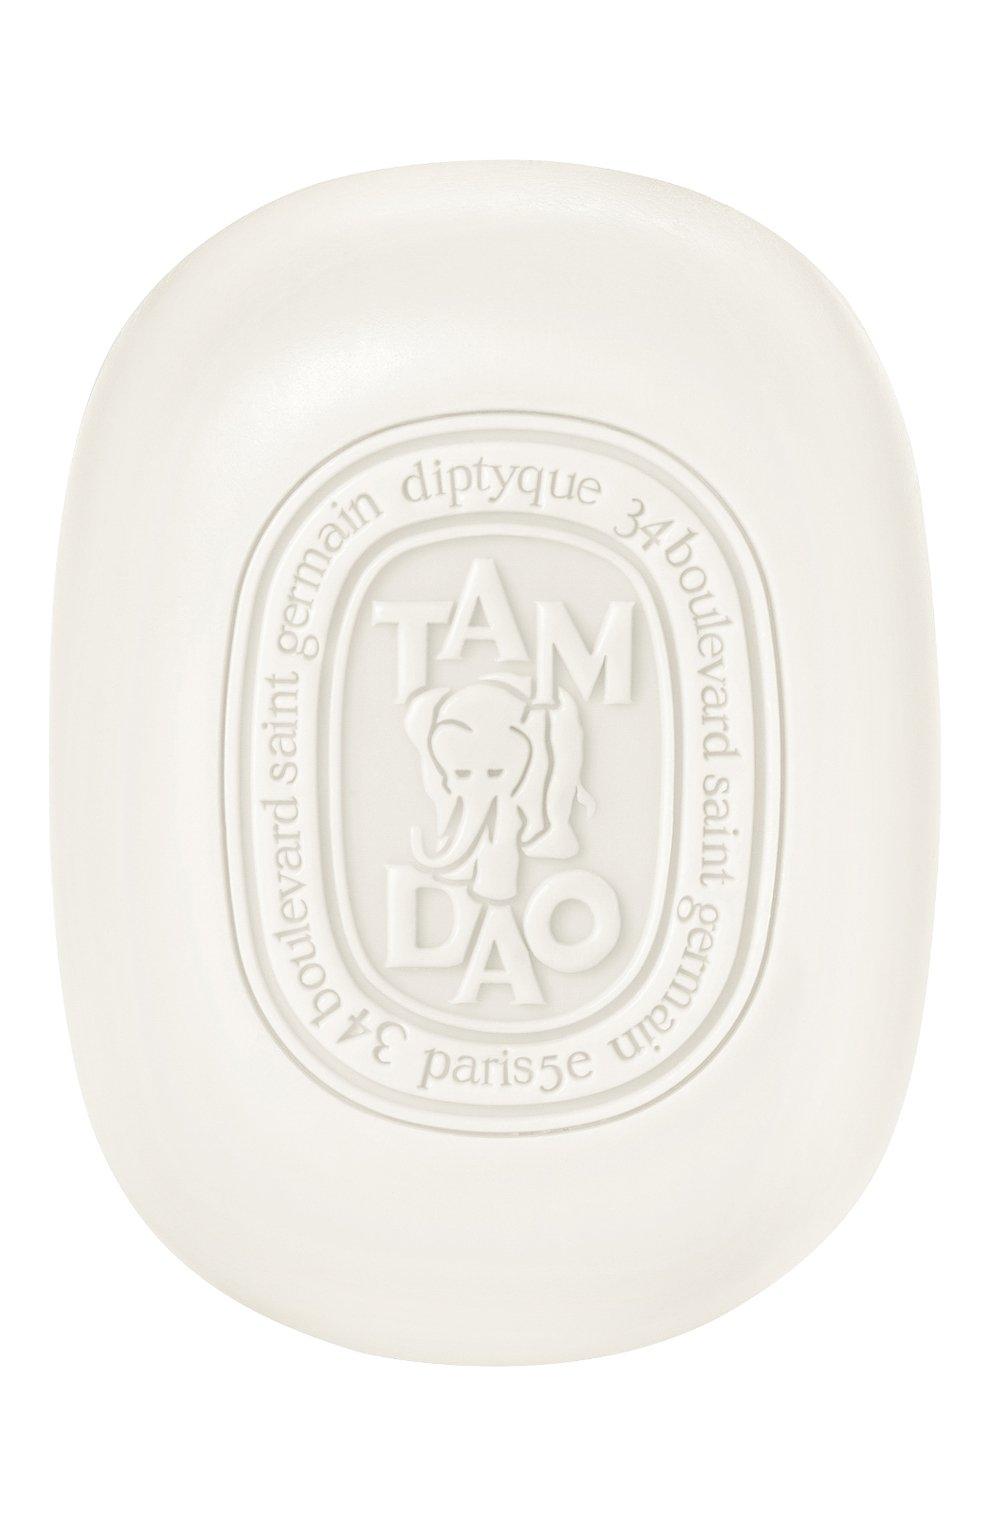 Парфюмированное мыло tam dao DIPTYQUE бесцветного цвета, арт. 3700431418289 | Фото 1 (Статус проверки: Проверена категория)